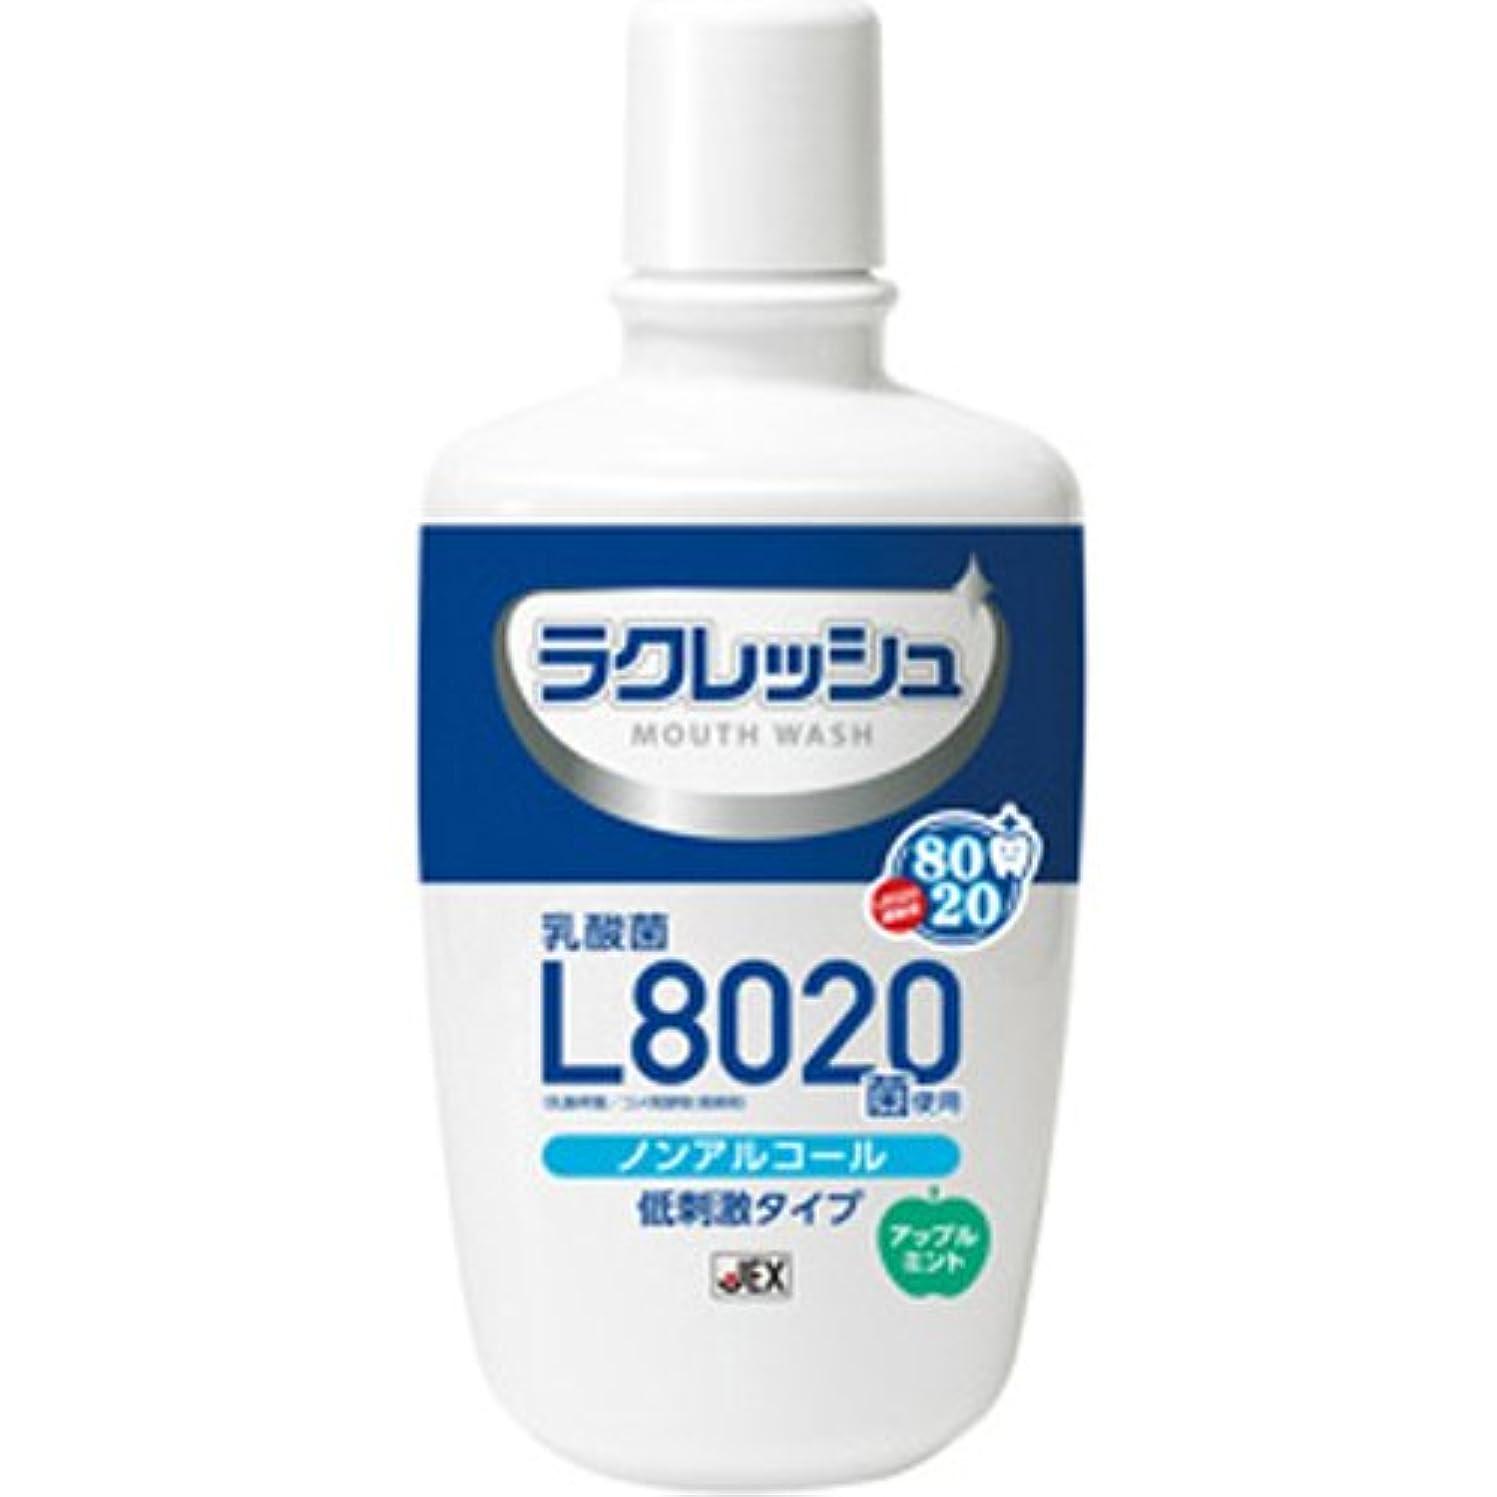 広く中央ぶどうラクレッシュ L8020菌入 マウスウォッシュ × 10個セット